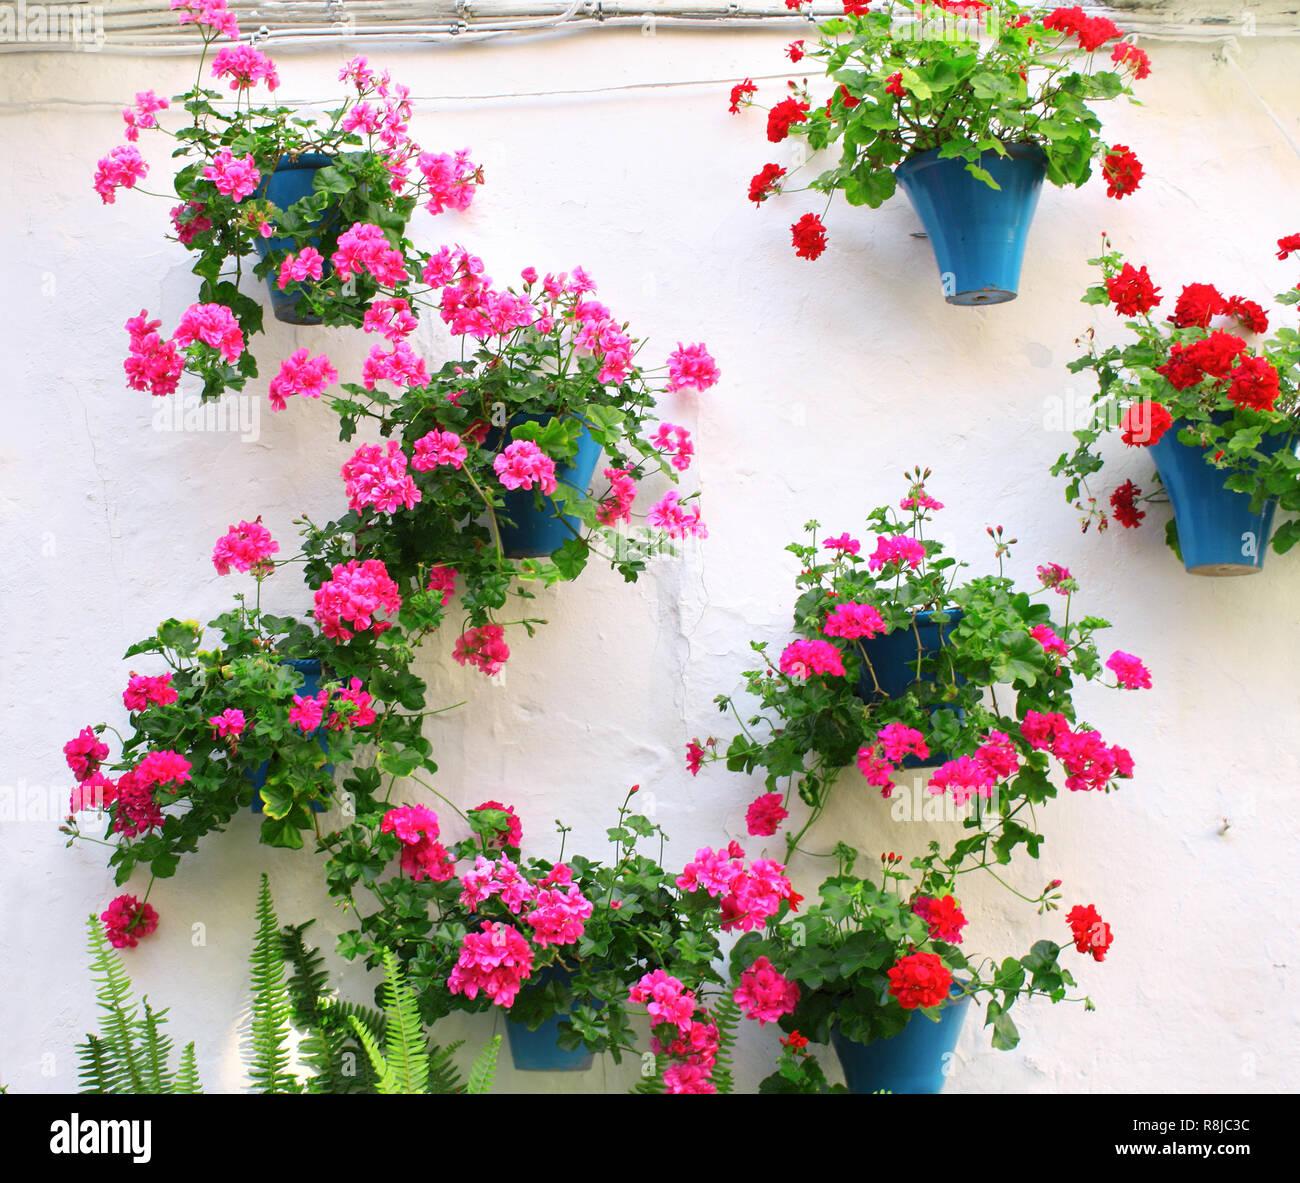 Blumentopfe Mit Geranie Auf Stuck Wand Stockfoto Bild 229056672